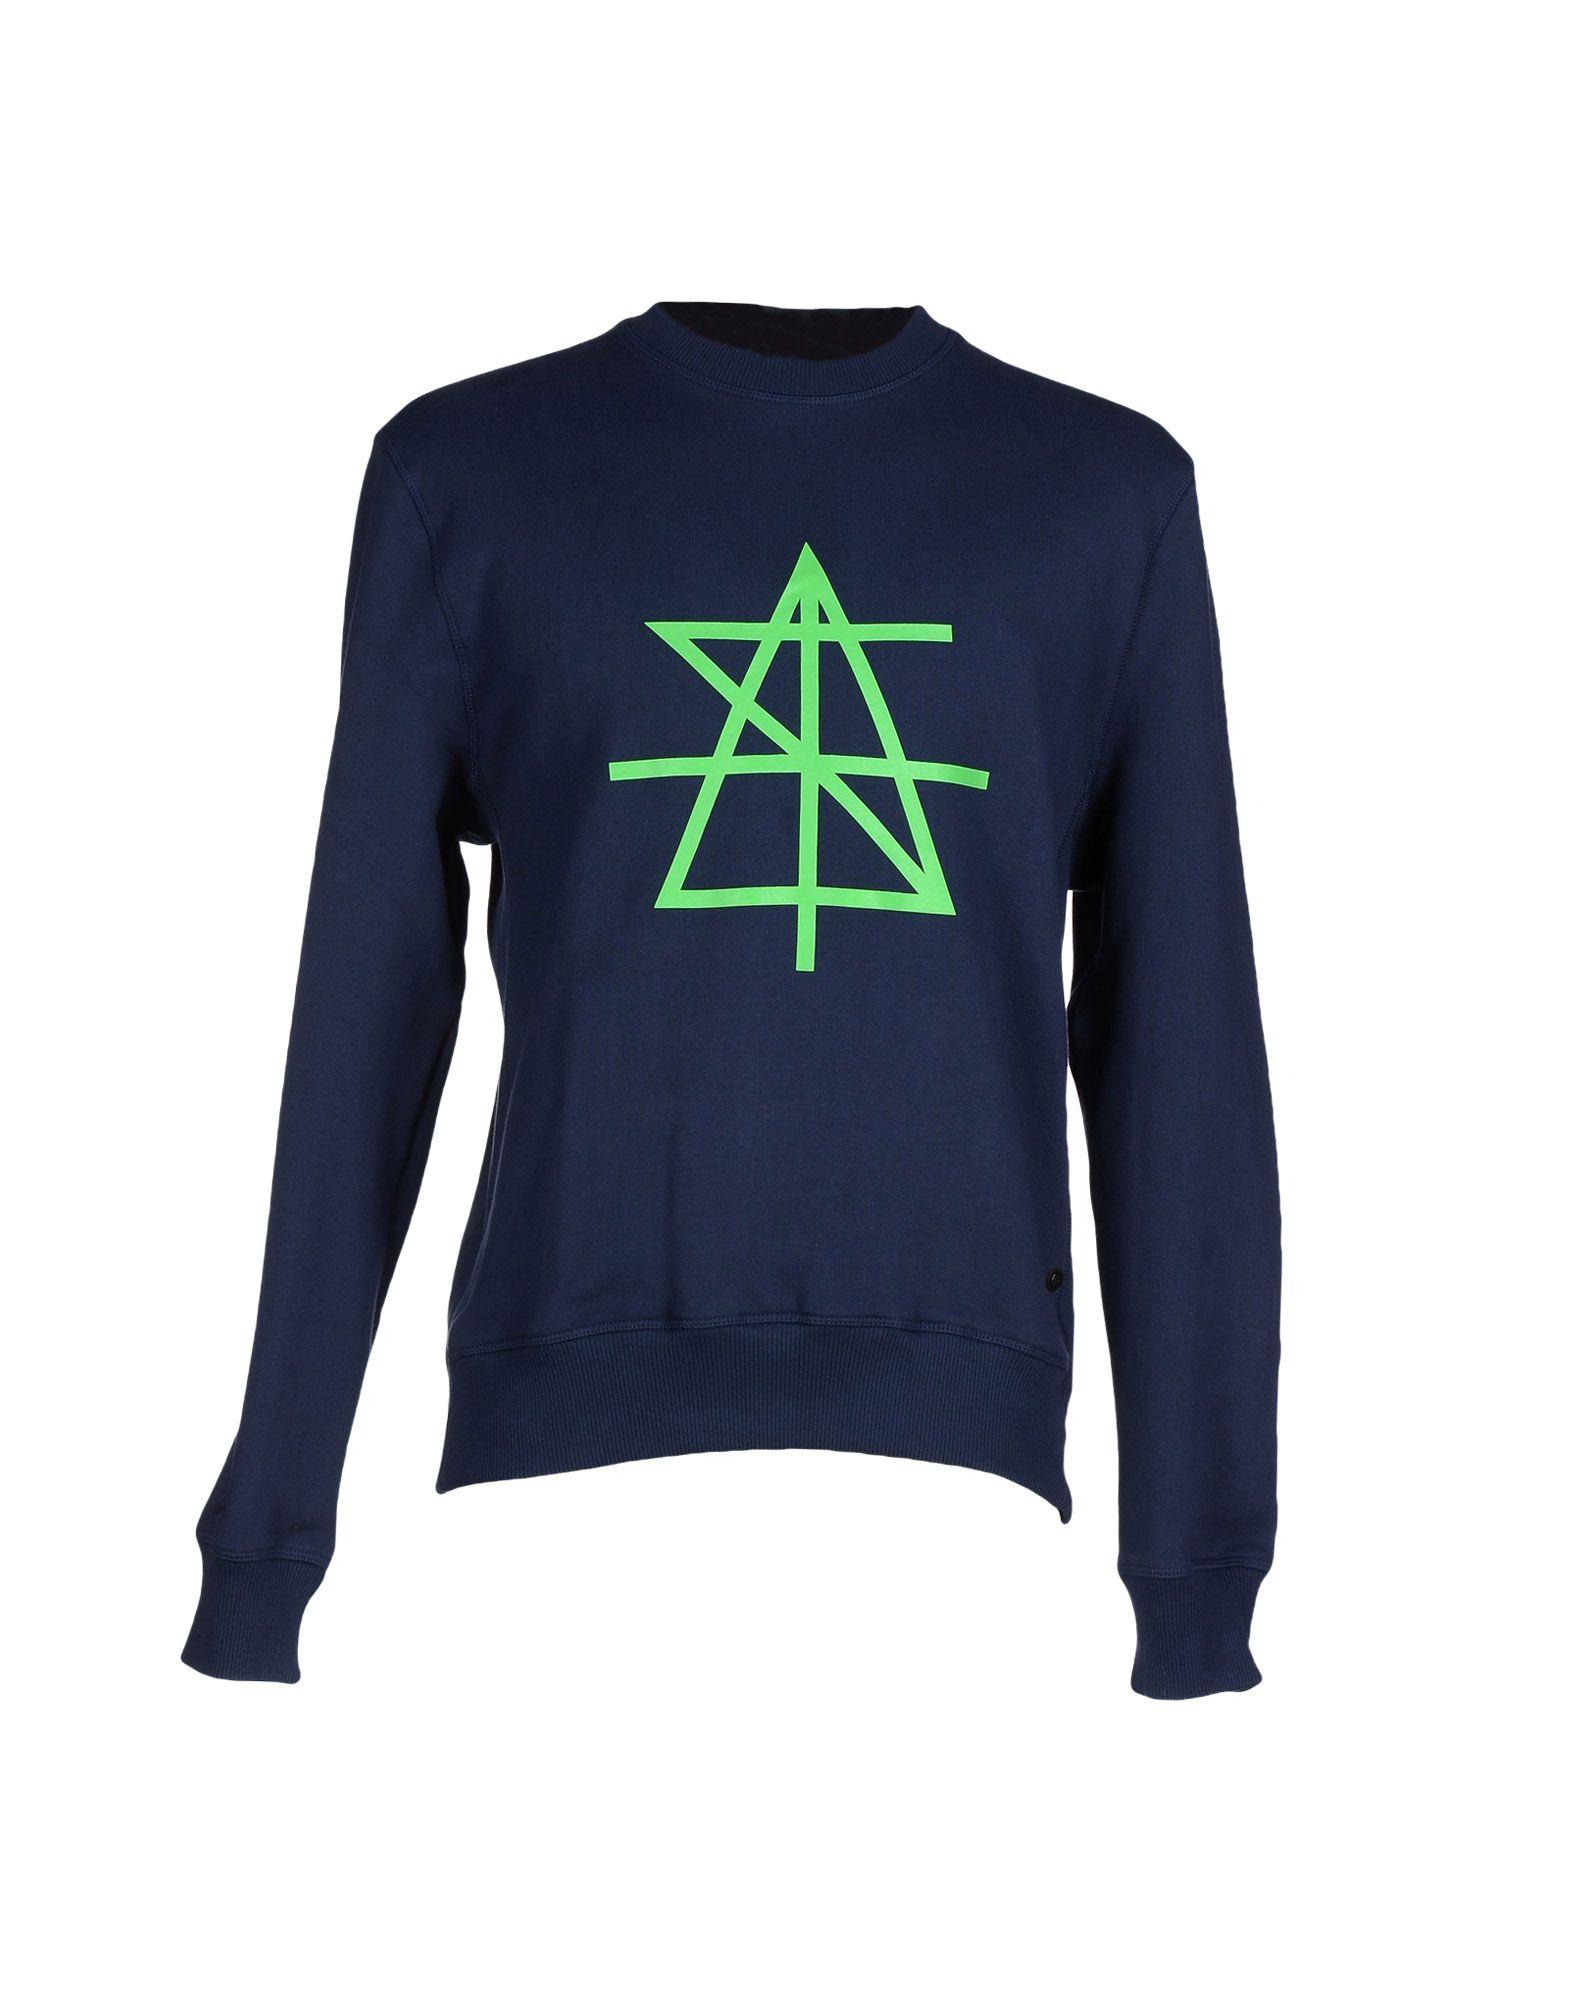 SURFACE TO AIR Sweatshirt in Dark Blue